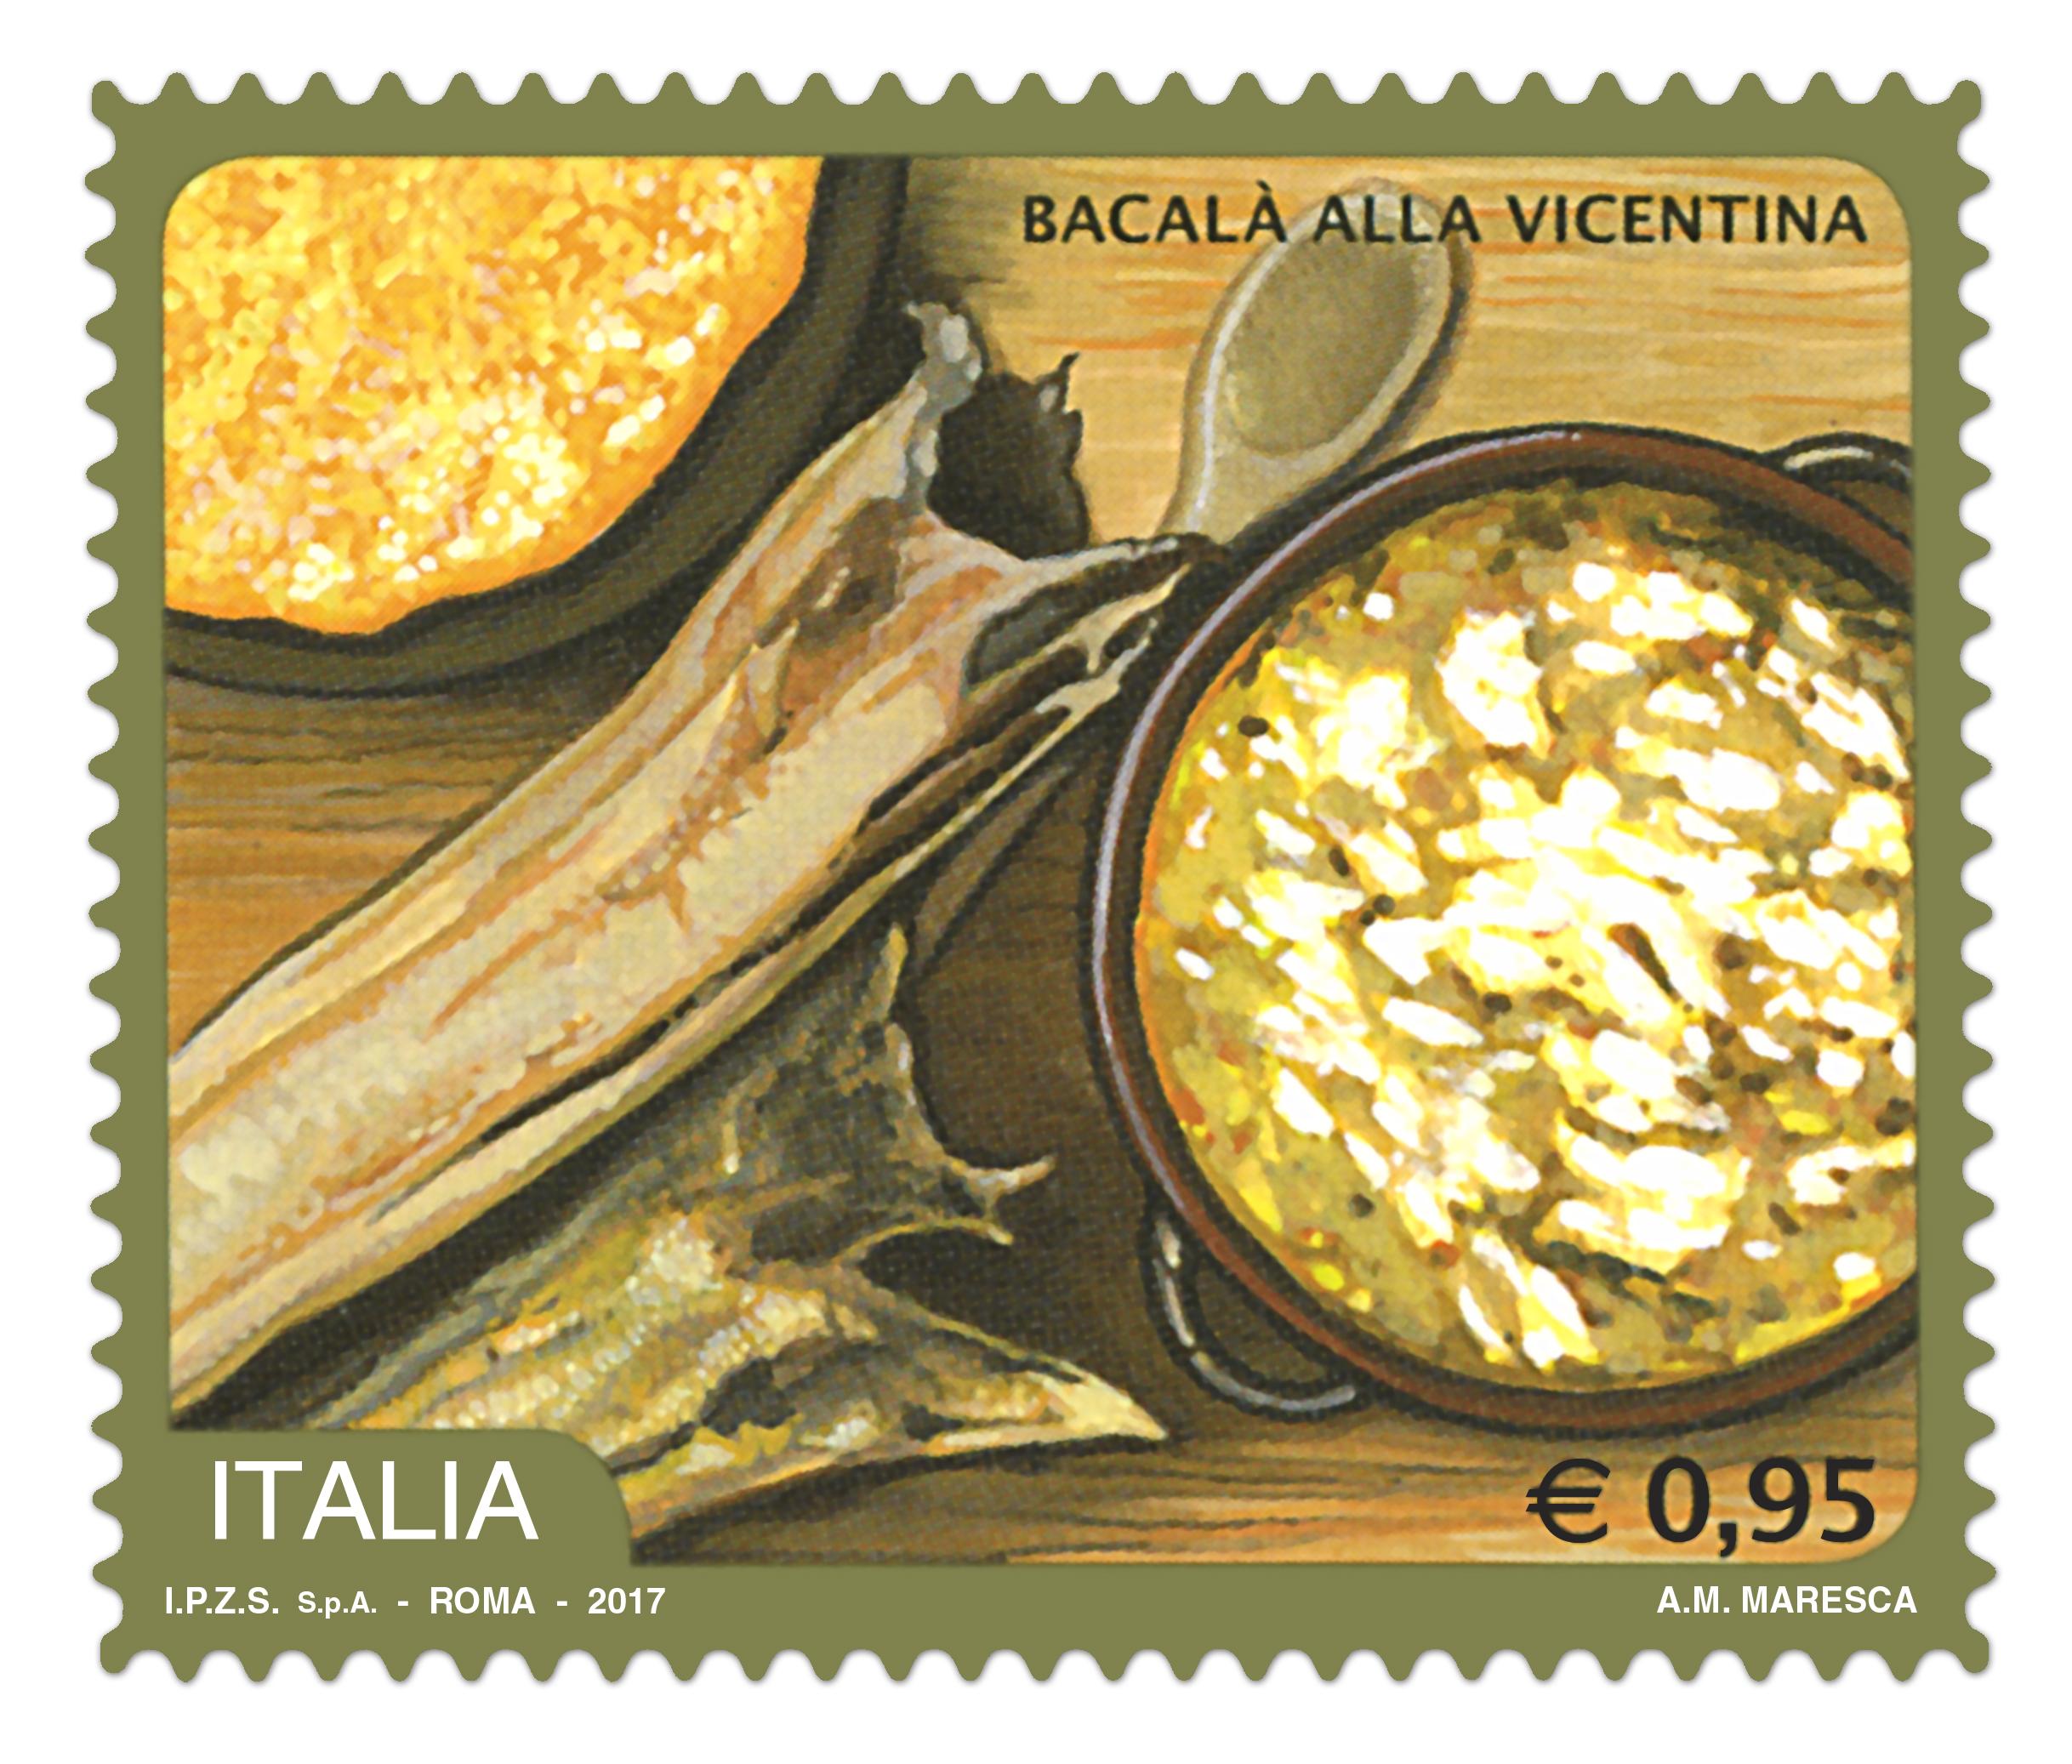 Francobollo Confraternita Bacalà alla Vicentina